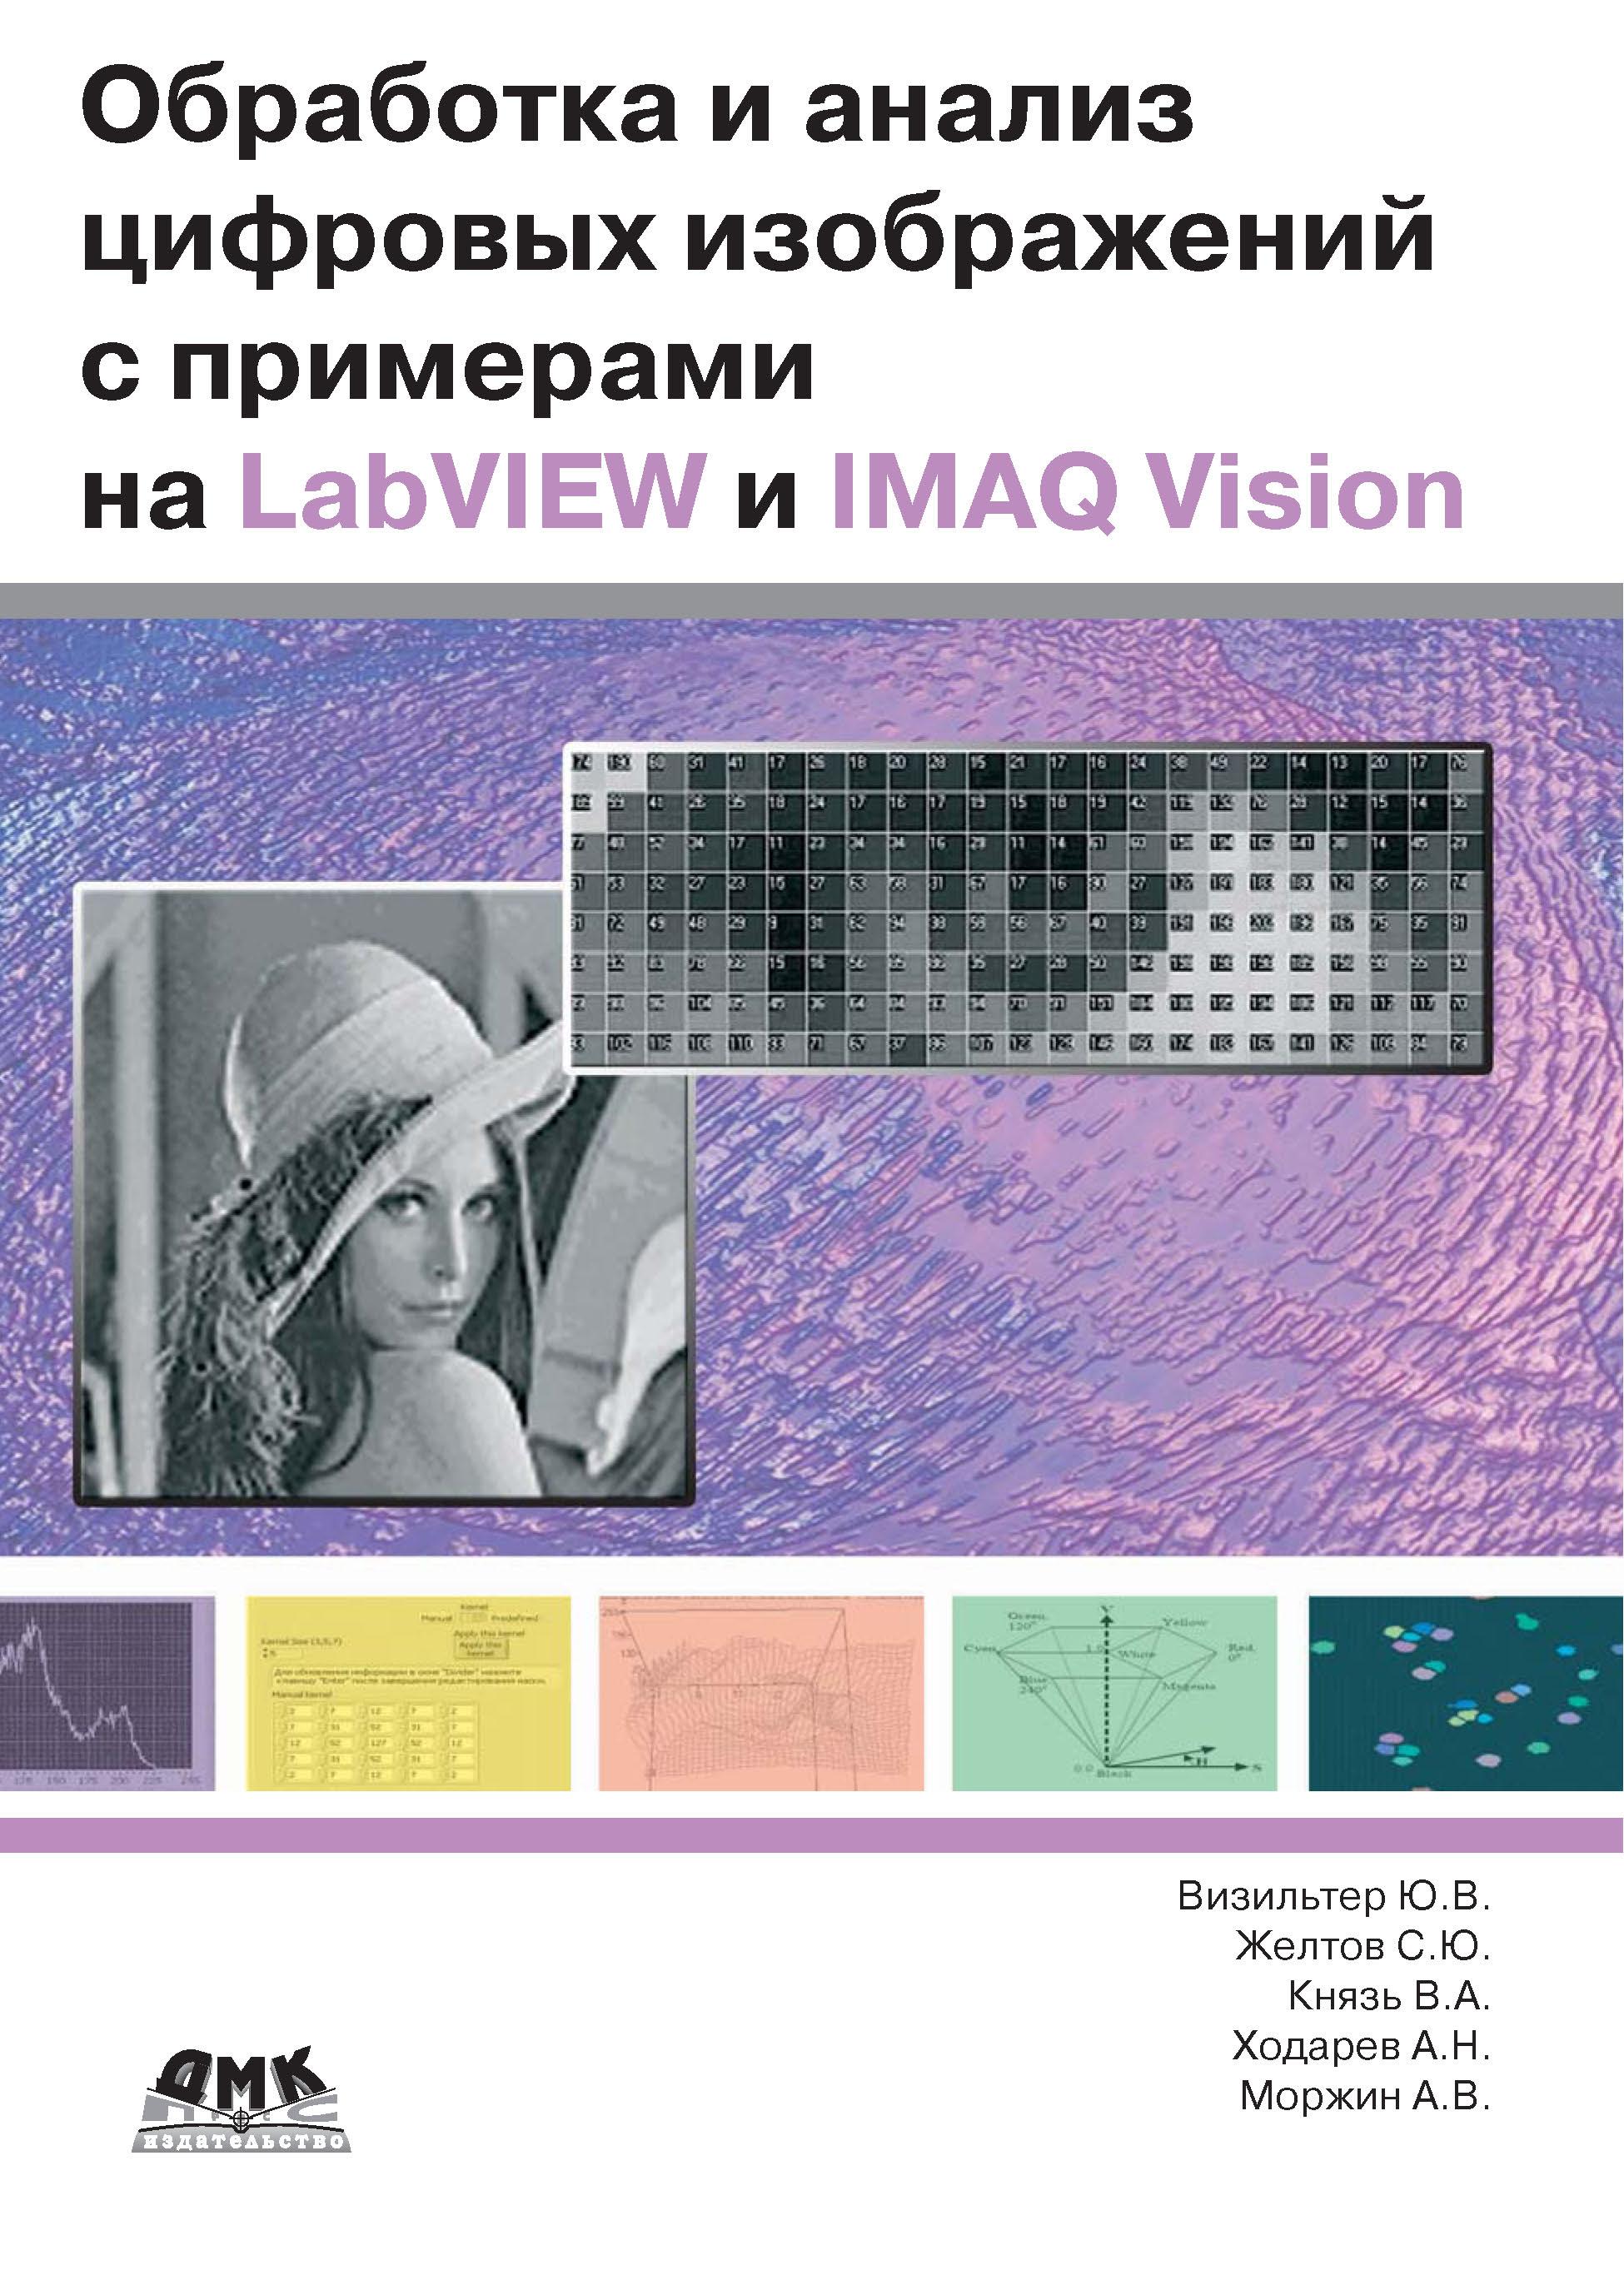 А. В. Моржин Обработка и анализ цифровых изображений с примерами на LabVIEW IMAQ Vision в в мошкин labview практикум по электронике и микропроцессорной технике